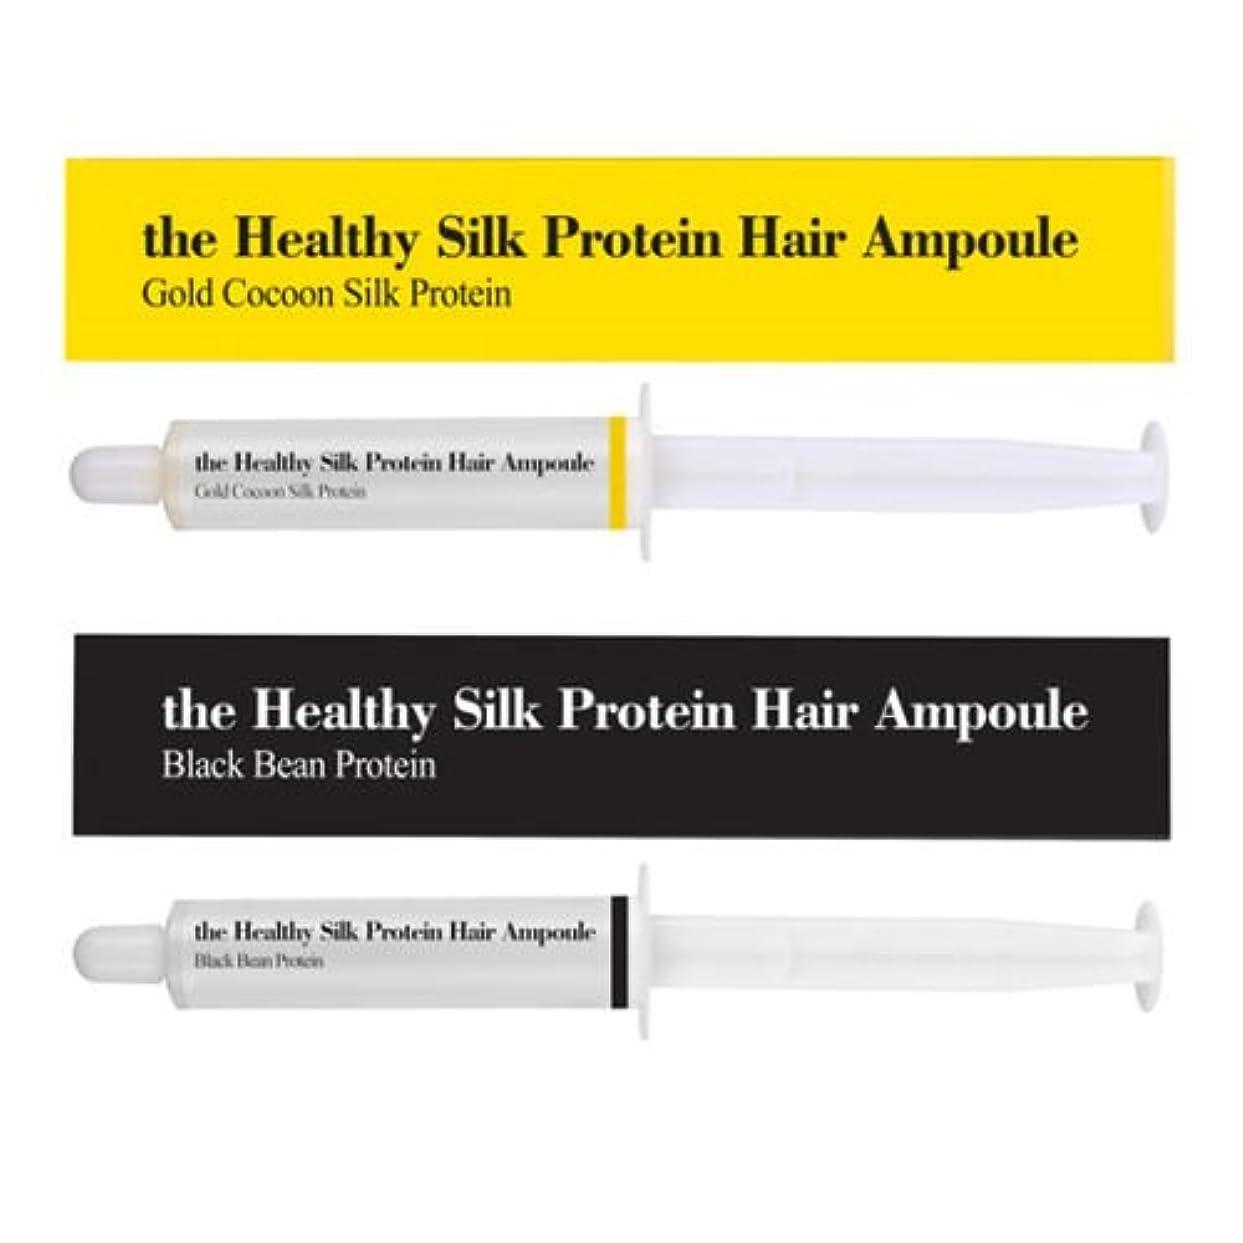 歌手ラウンジ蒸発するリアルビューティー[韓国コスメReal Beauty]The Healthy Silk Protein Hair Ampoule シルクプロテインヘアアンプル2タイプ 25ml[並行輸入品] (黒豆プロテイン)